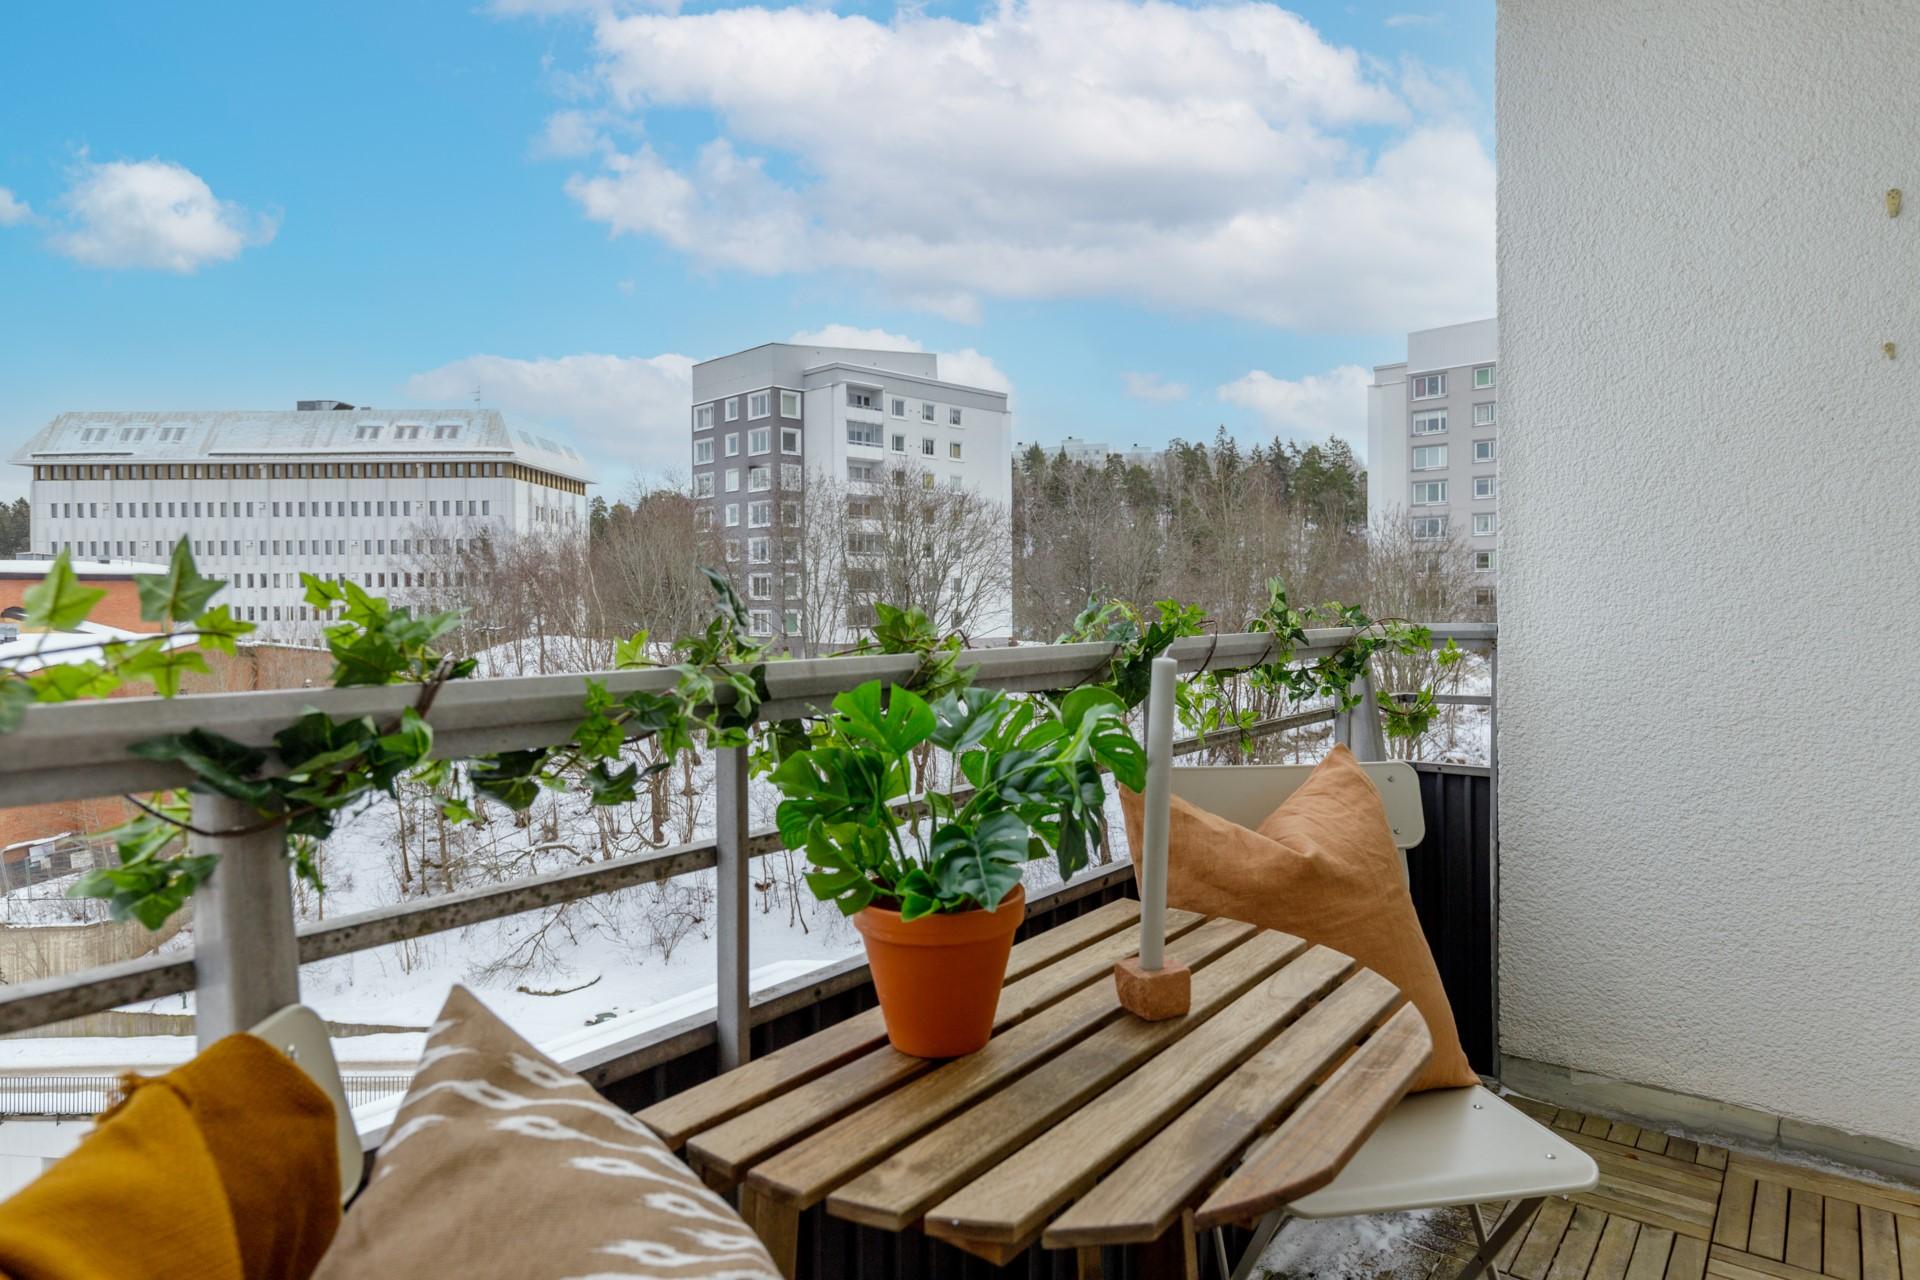 Tumba Torg 107, vån 5 - Balkong med plats för utemöbler